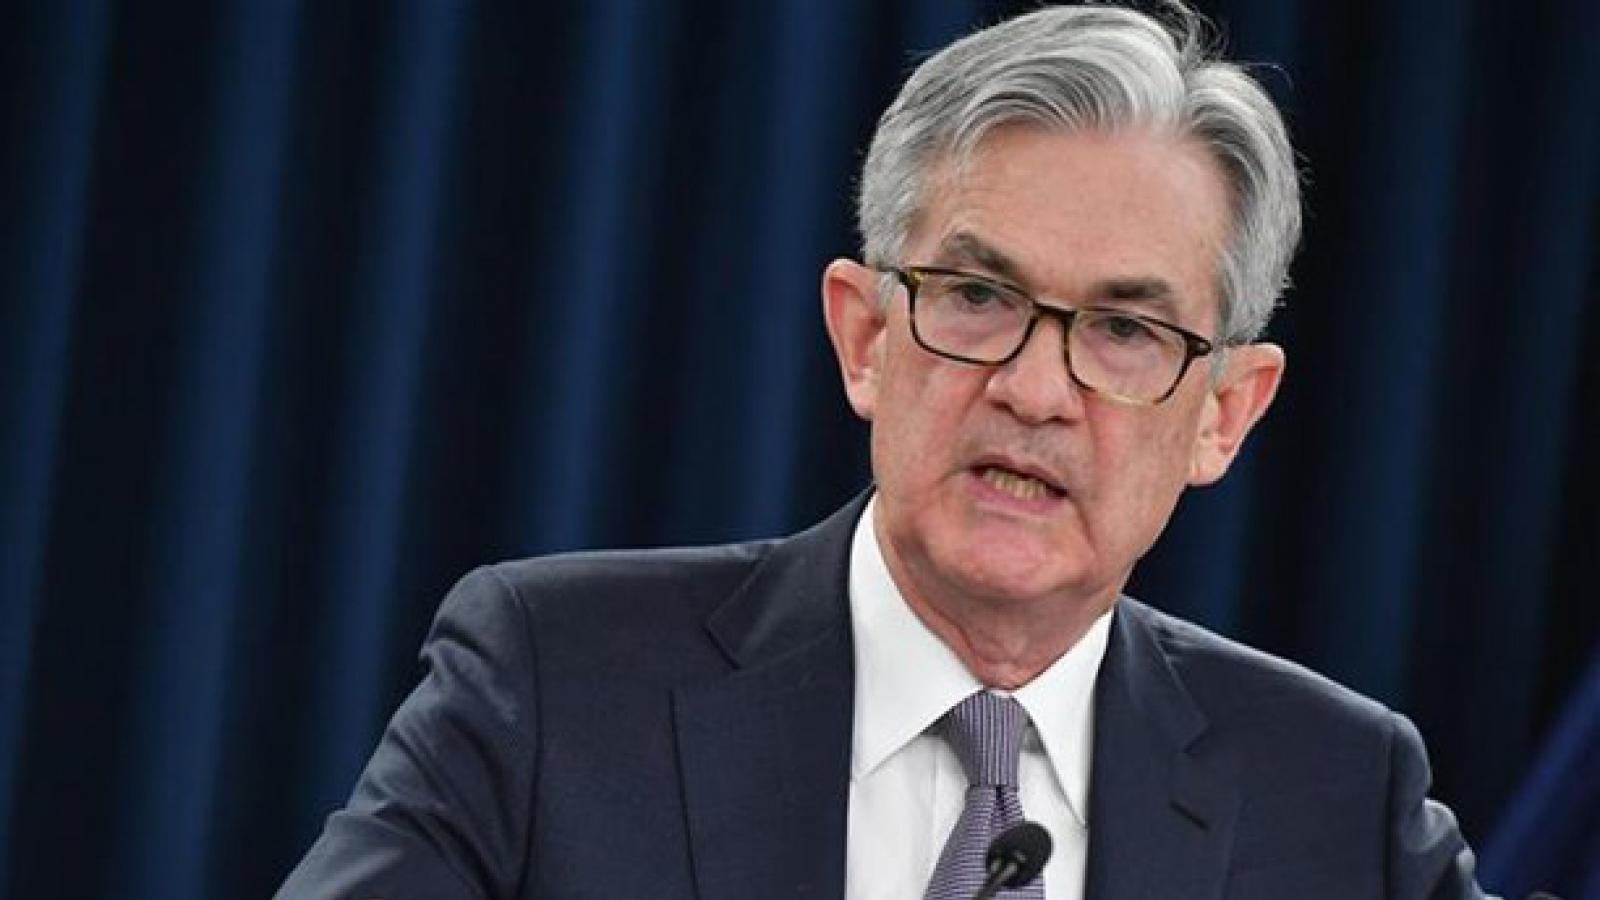 """FED duy trì chính sách tiền tệ """"lỏng lẻo"""" - Vàng, dầu mỏ, chứng khoán biến động"""